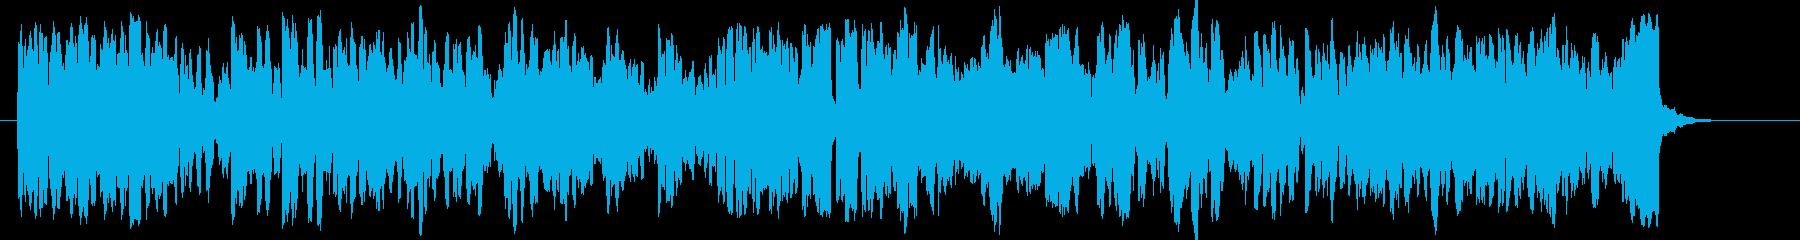 ゴルトベルク変奏曲木管トリオバージョンの再生済みの波形